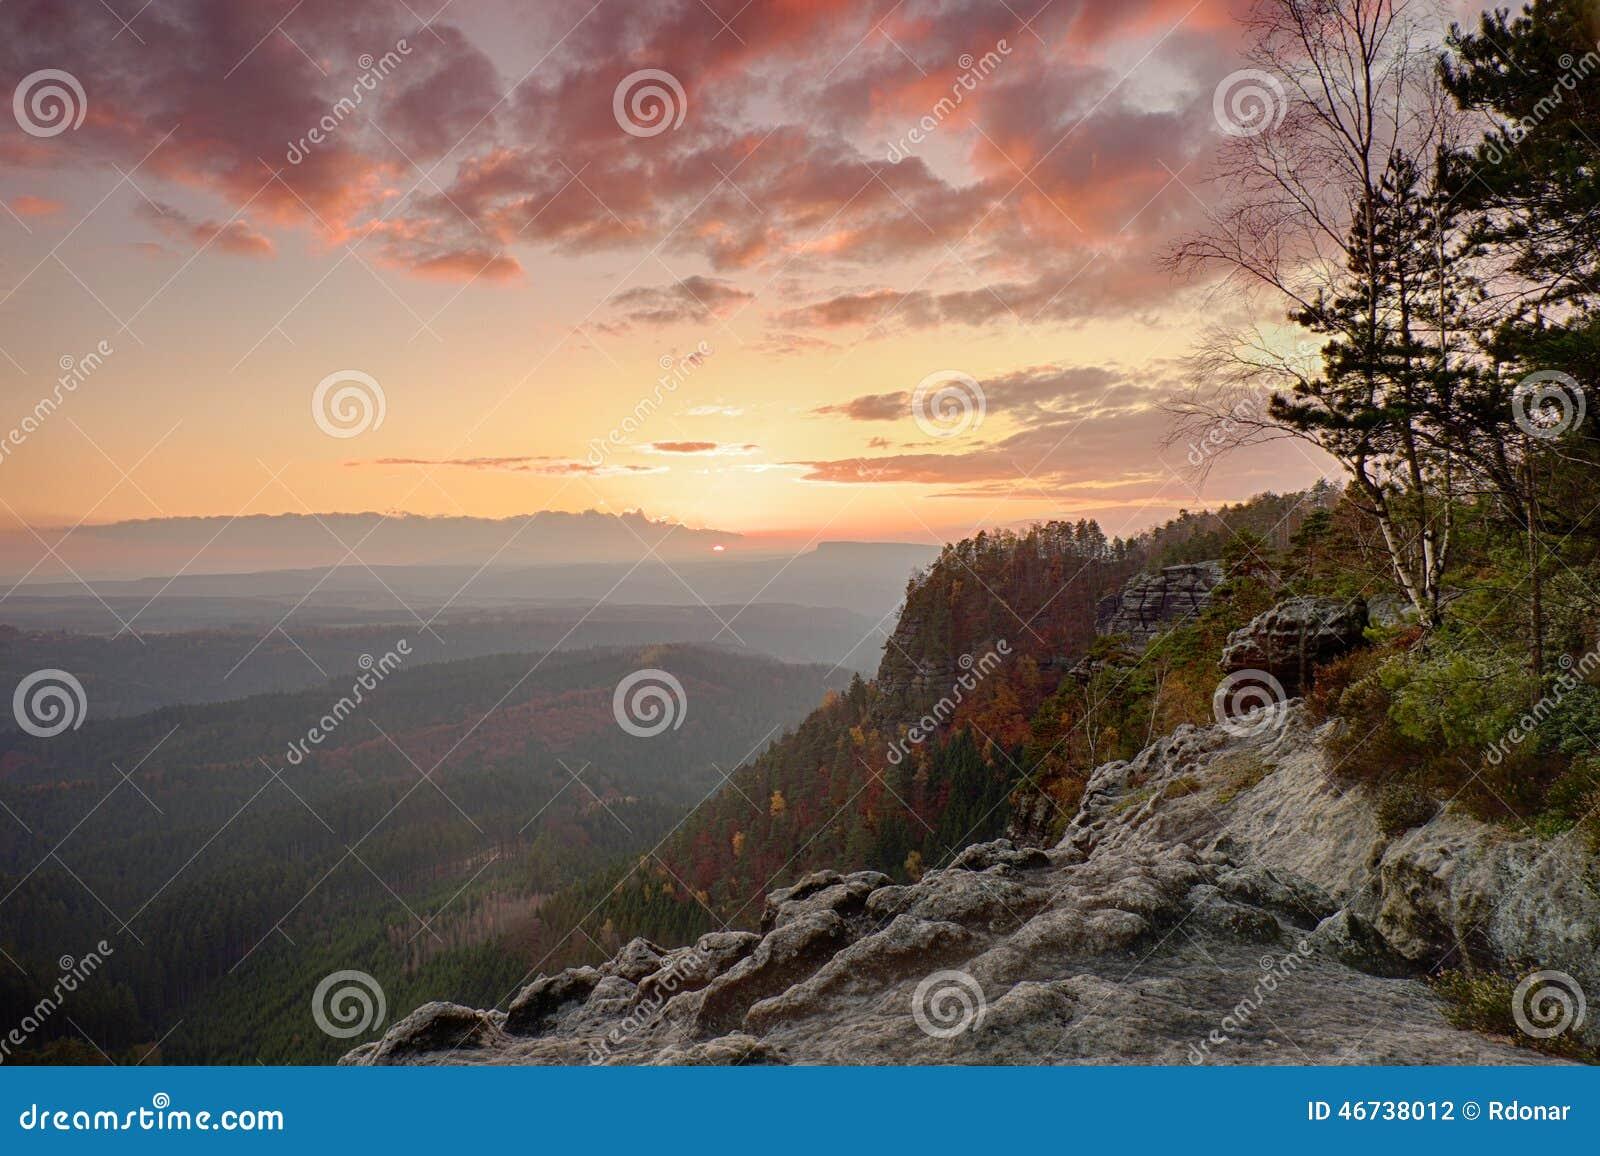 Jesień skalisty krajobraz wśród zmierzchu Kolorowego nieba above głęboki mglisty dolinny pełny wieczór wilgotność Słońce na horyz